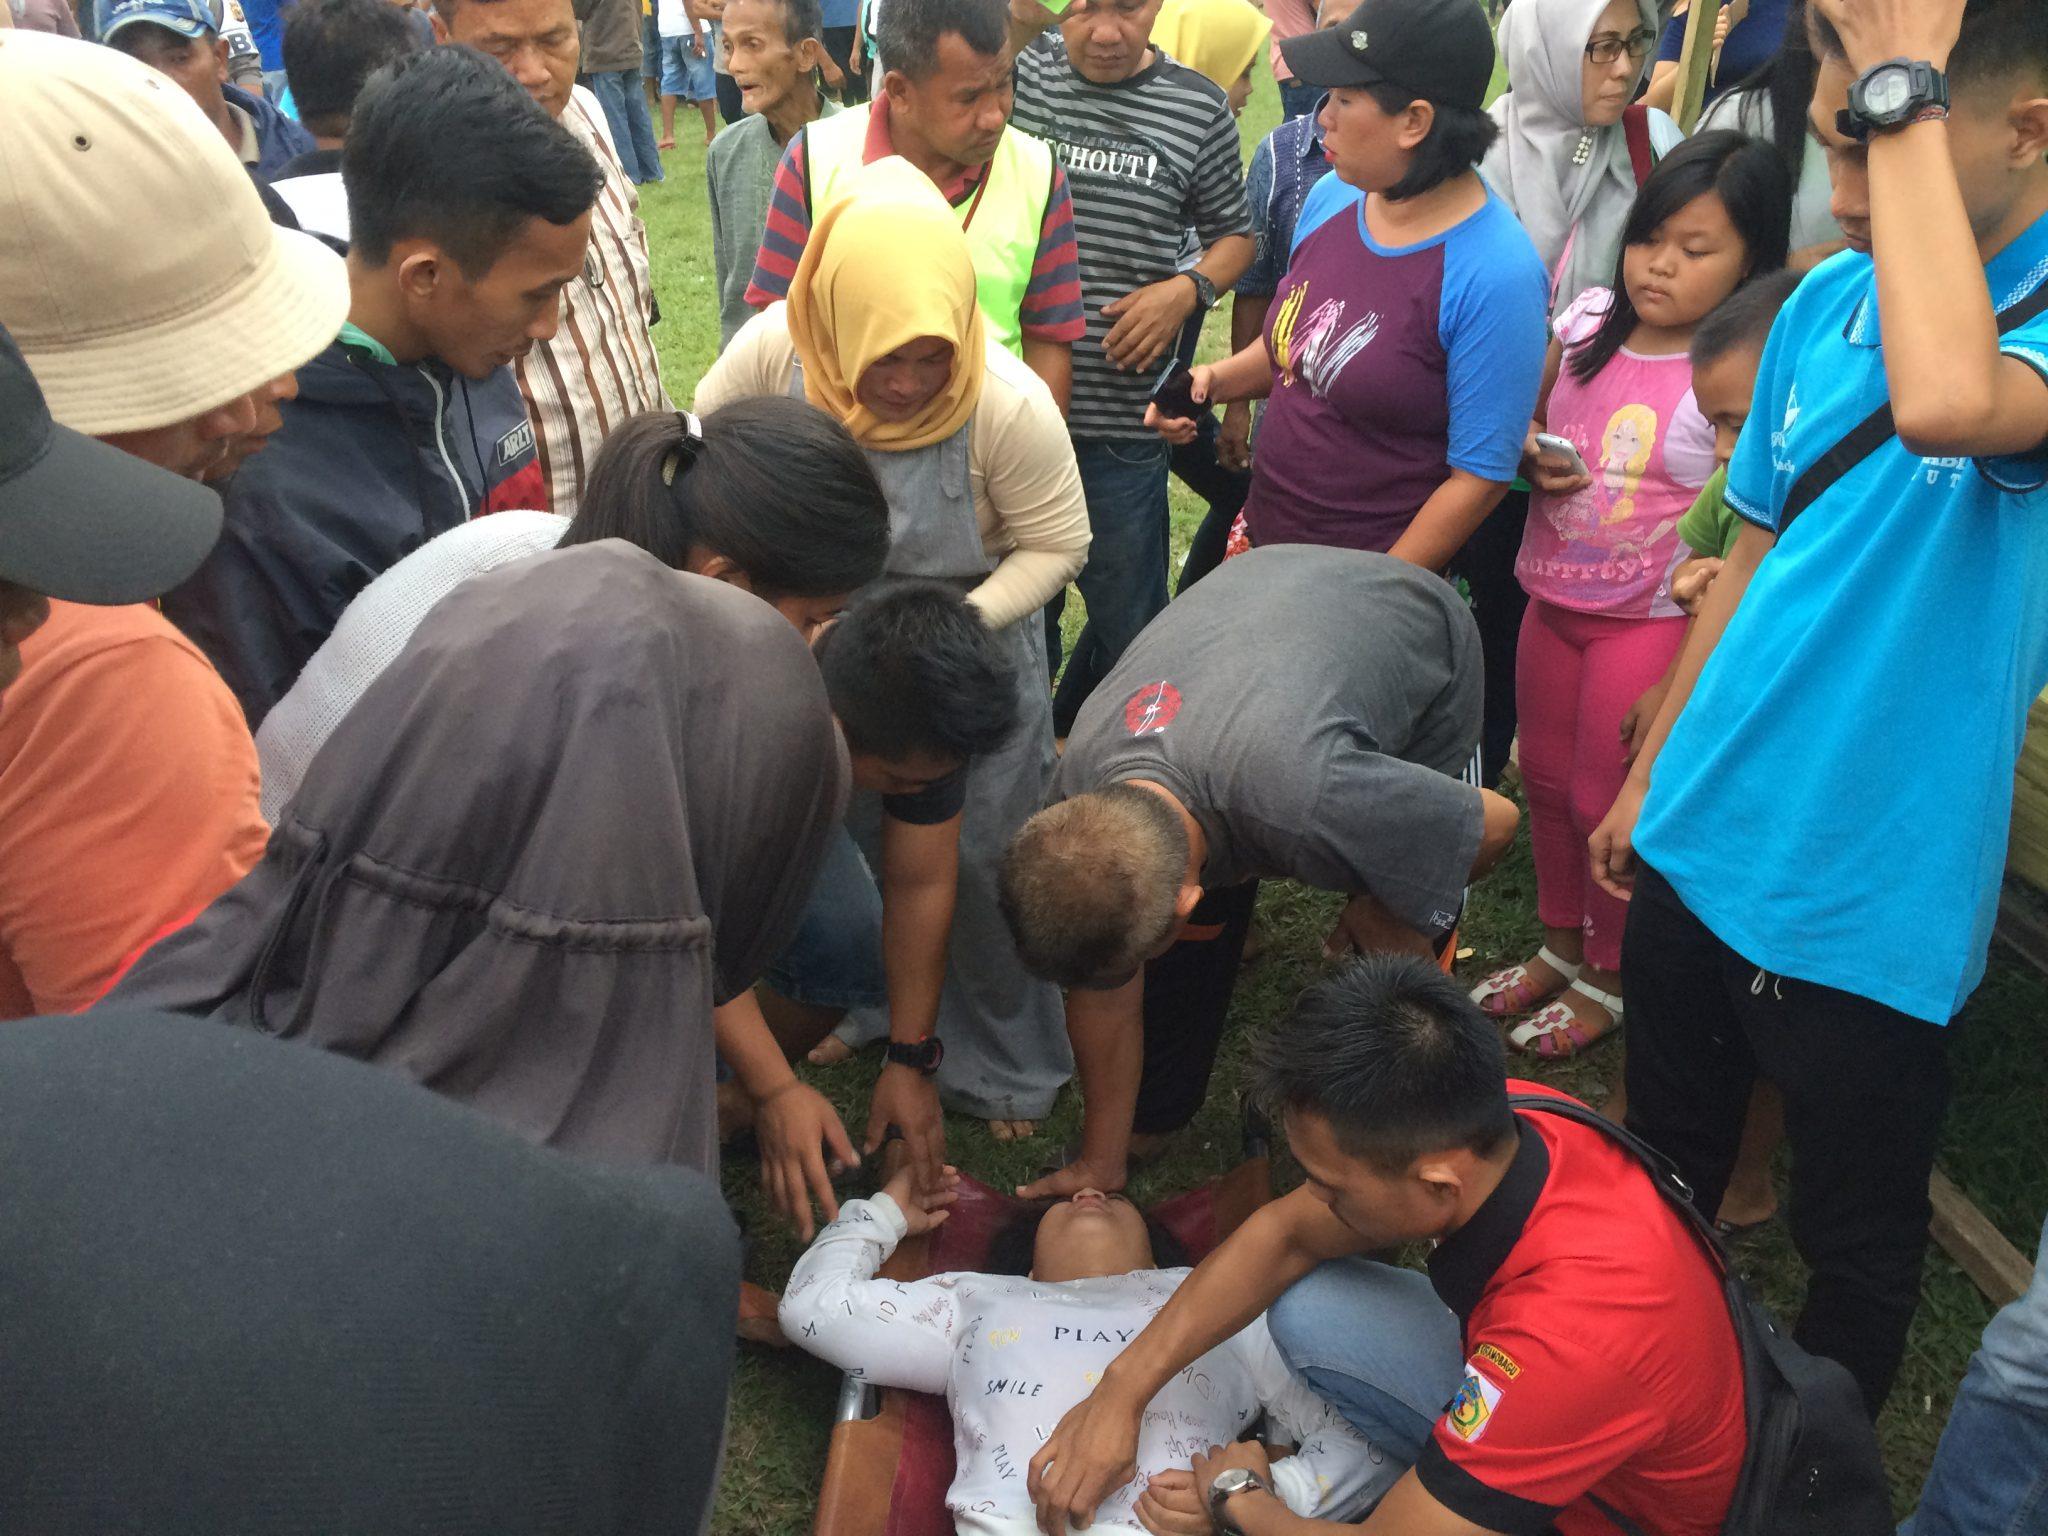 Daerah Kotamobagu Olahraga  Walikota CUP Sepakbola Putra Jaton Ikhwan Lukas Mandowen Kericuhan